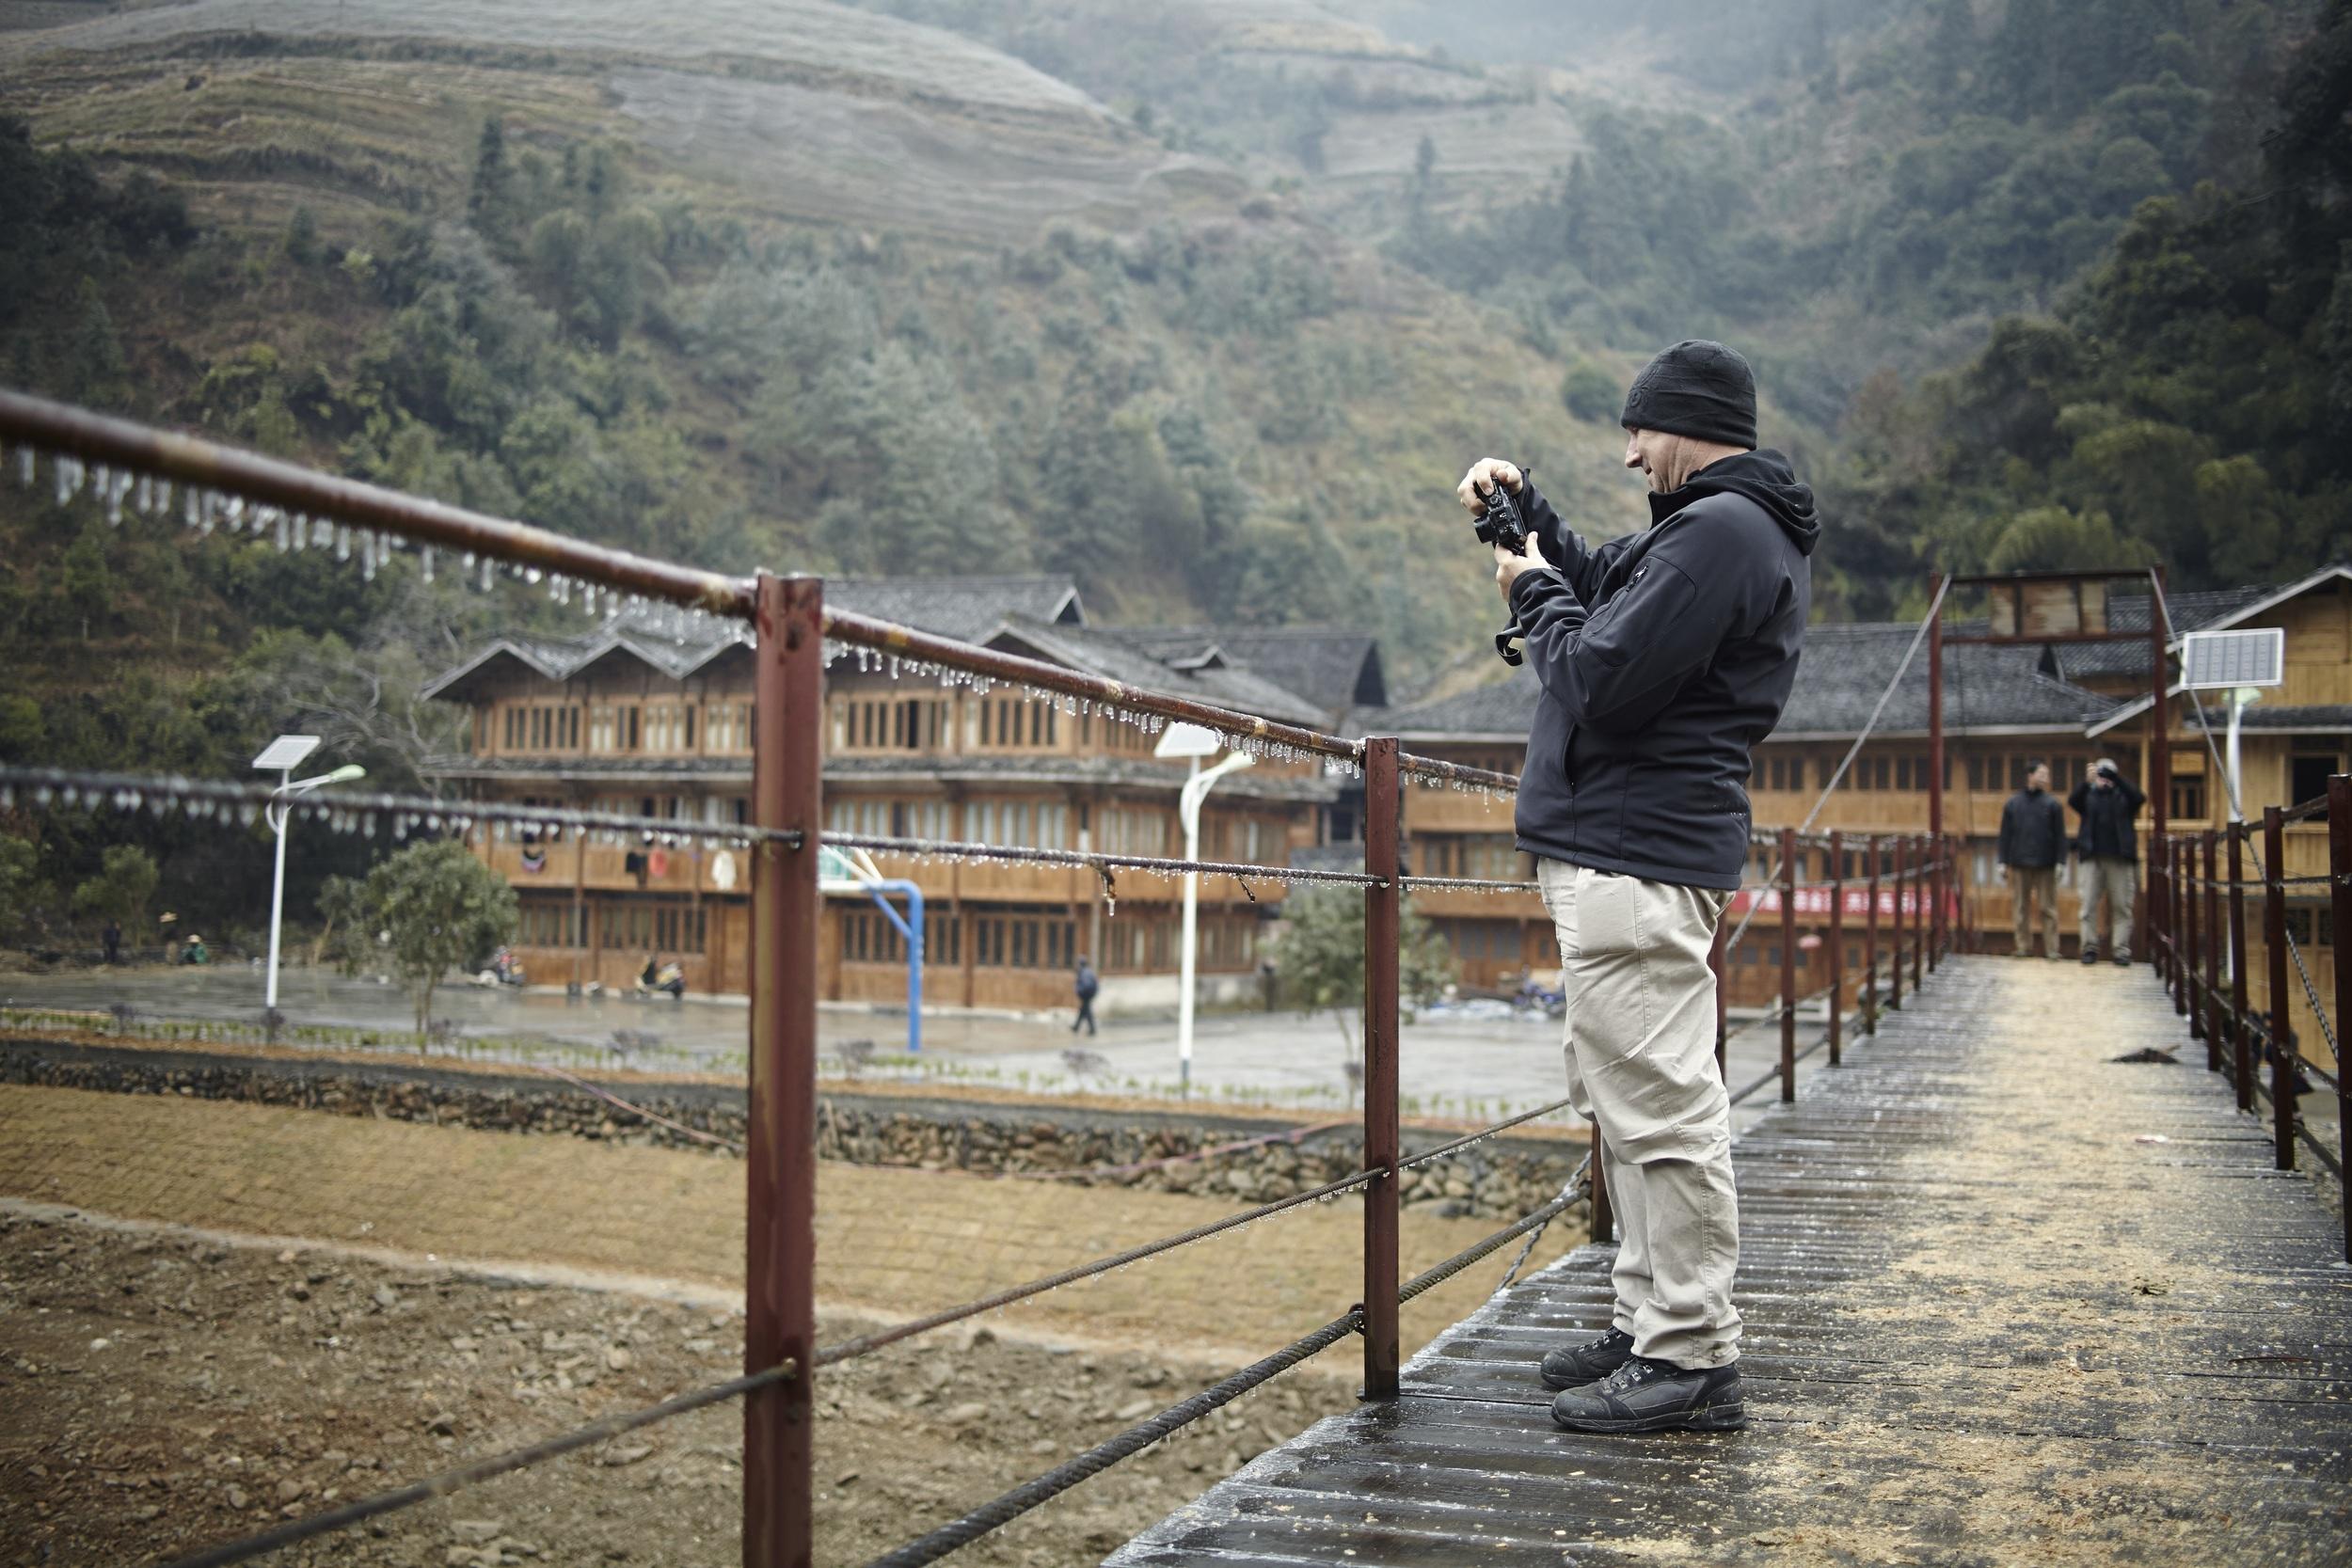 Euan Macleod taking photos